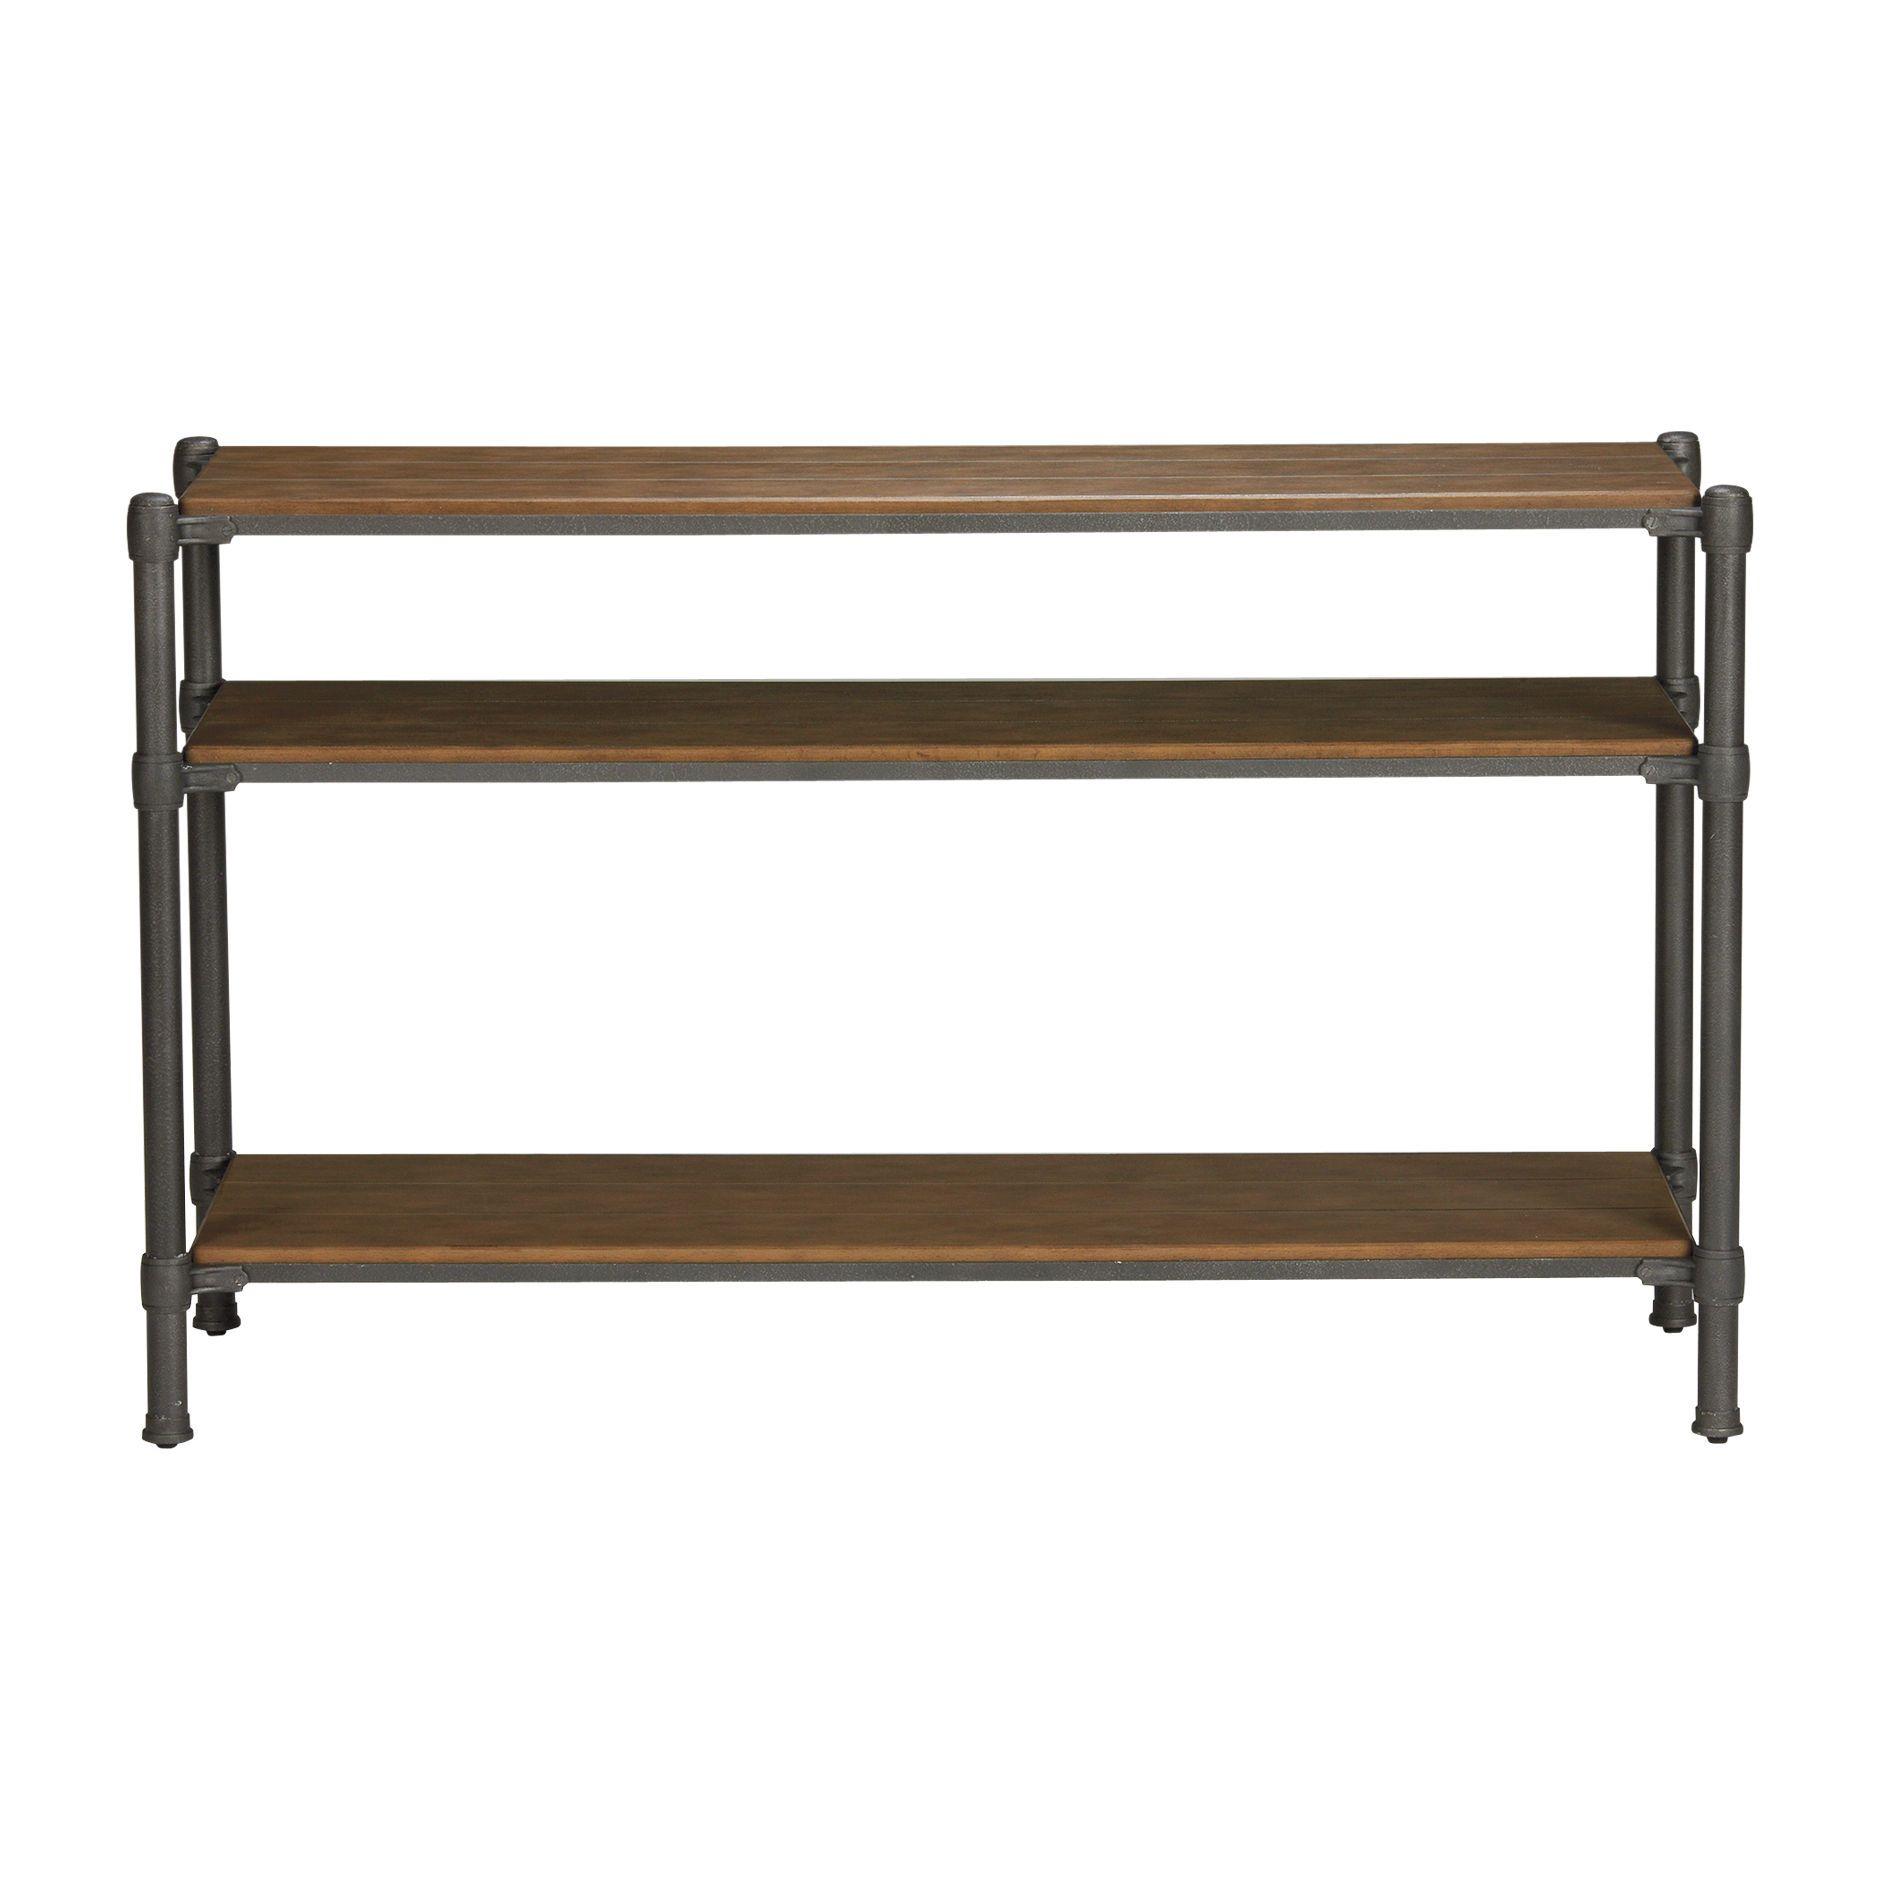 """trekker console table - ethan allen us base shelf is 14.5"""" to mid"""